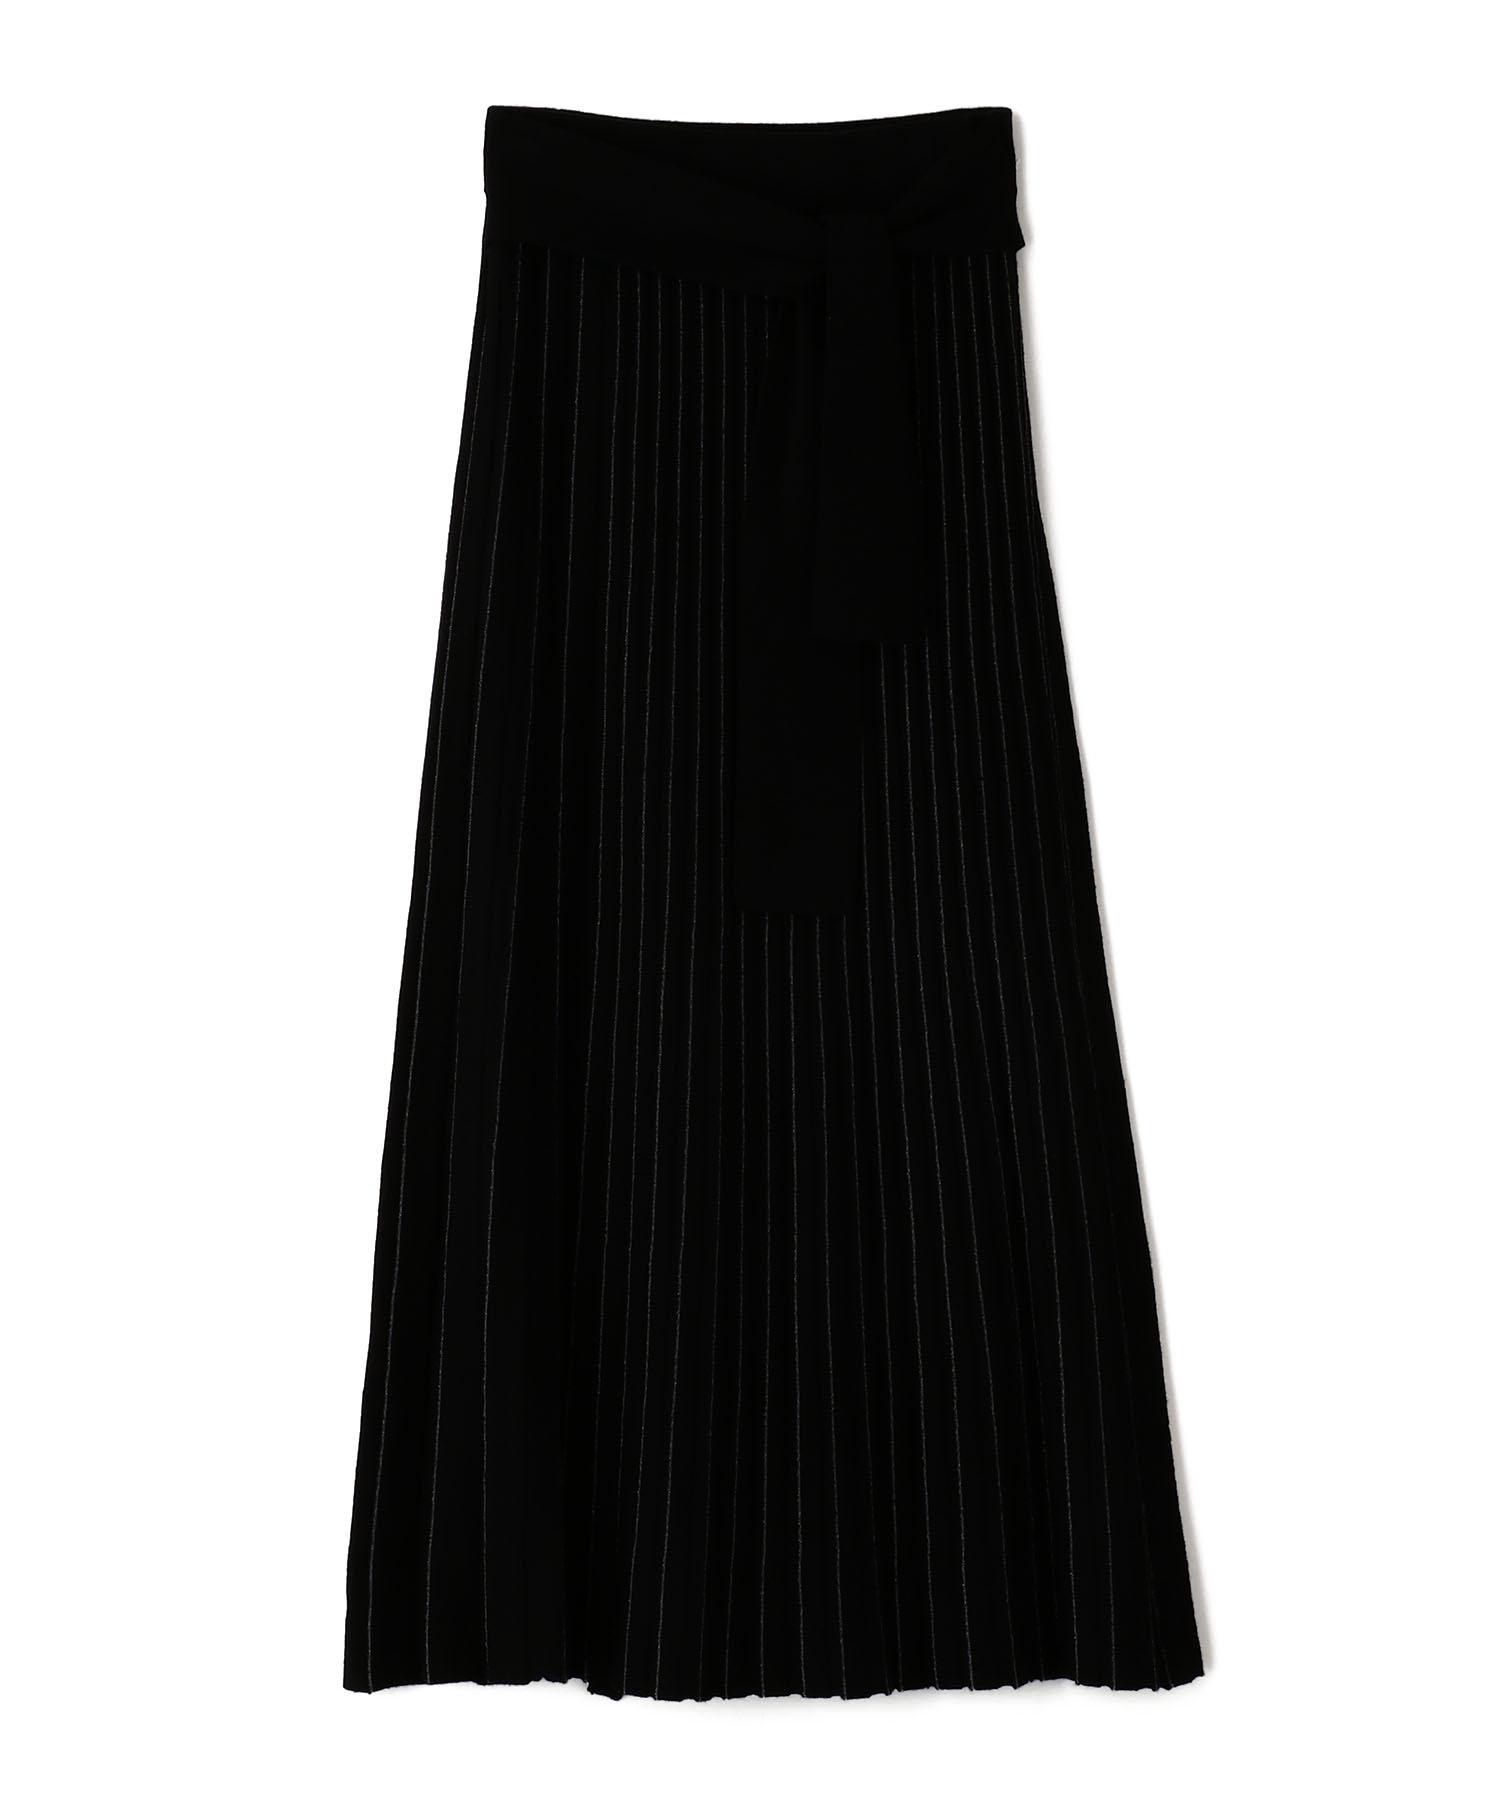 14Gラメニットプリーツスカート